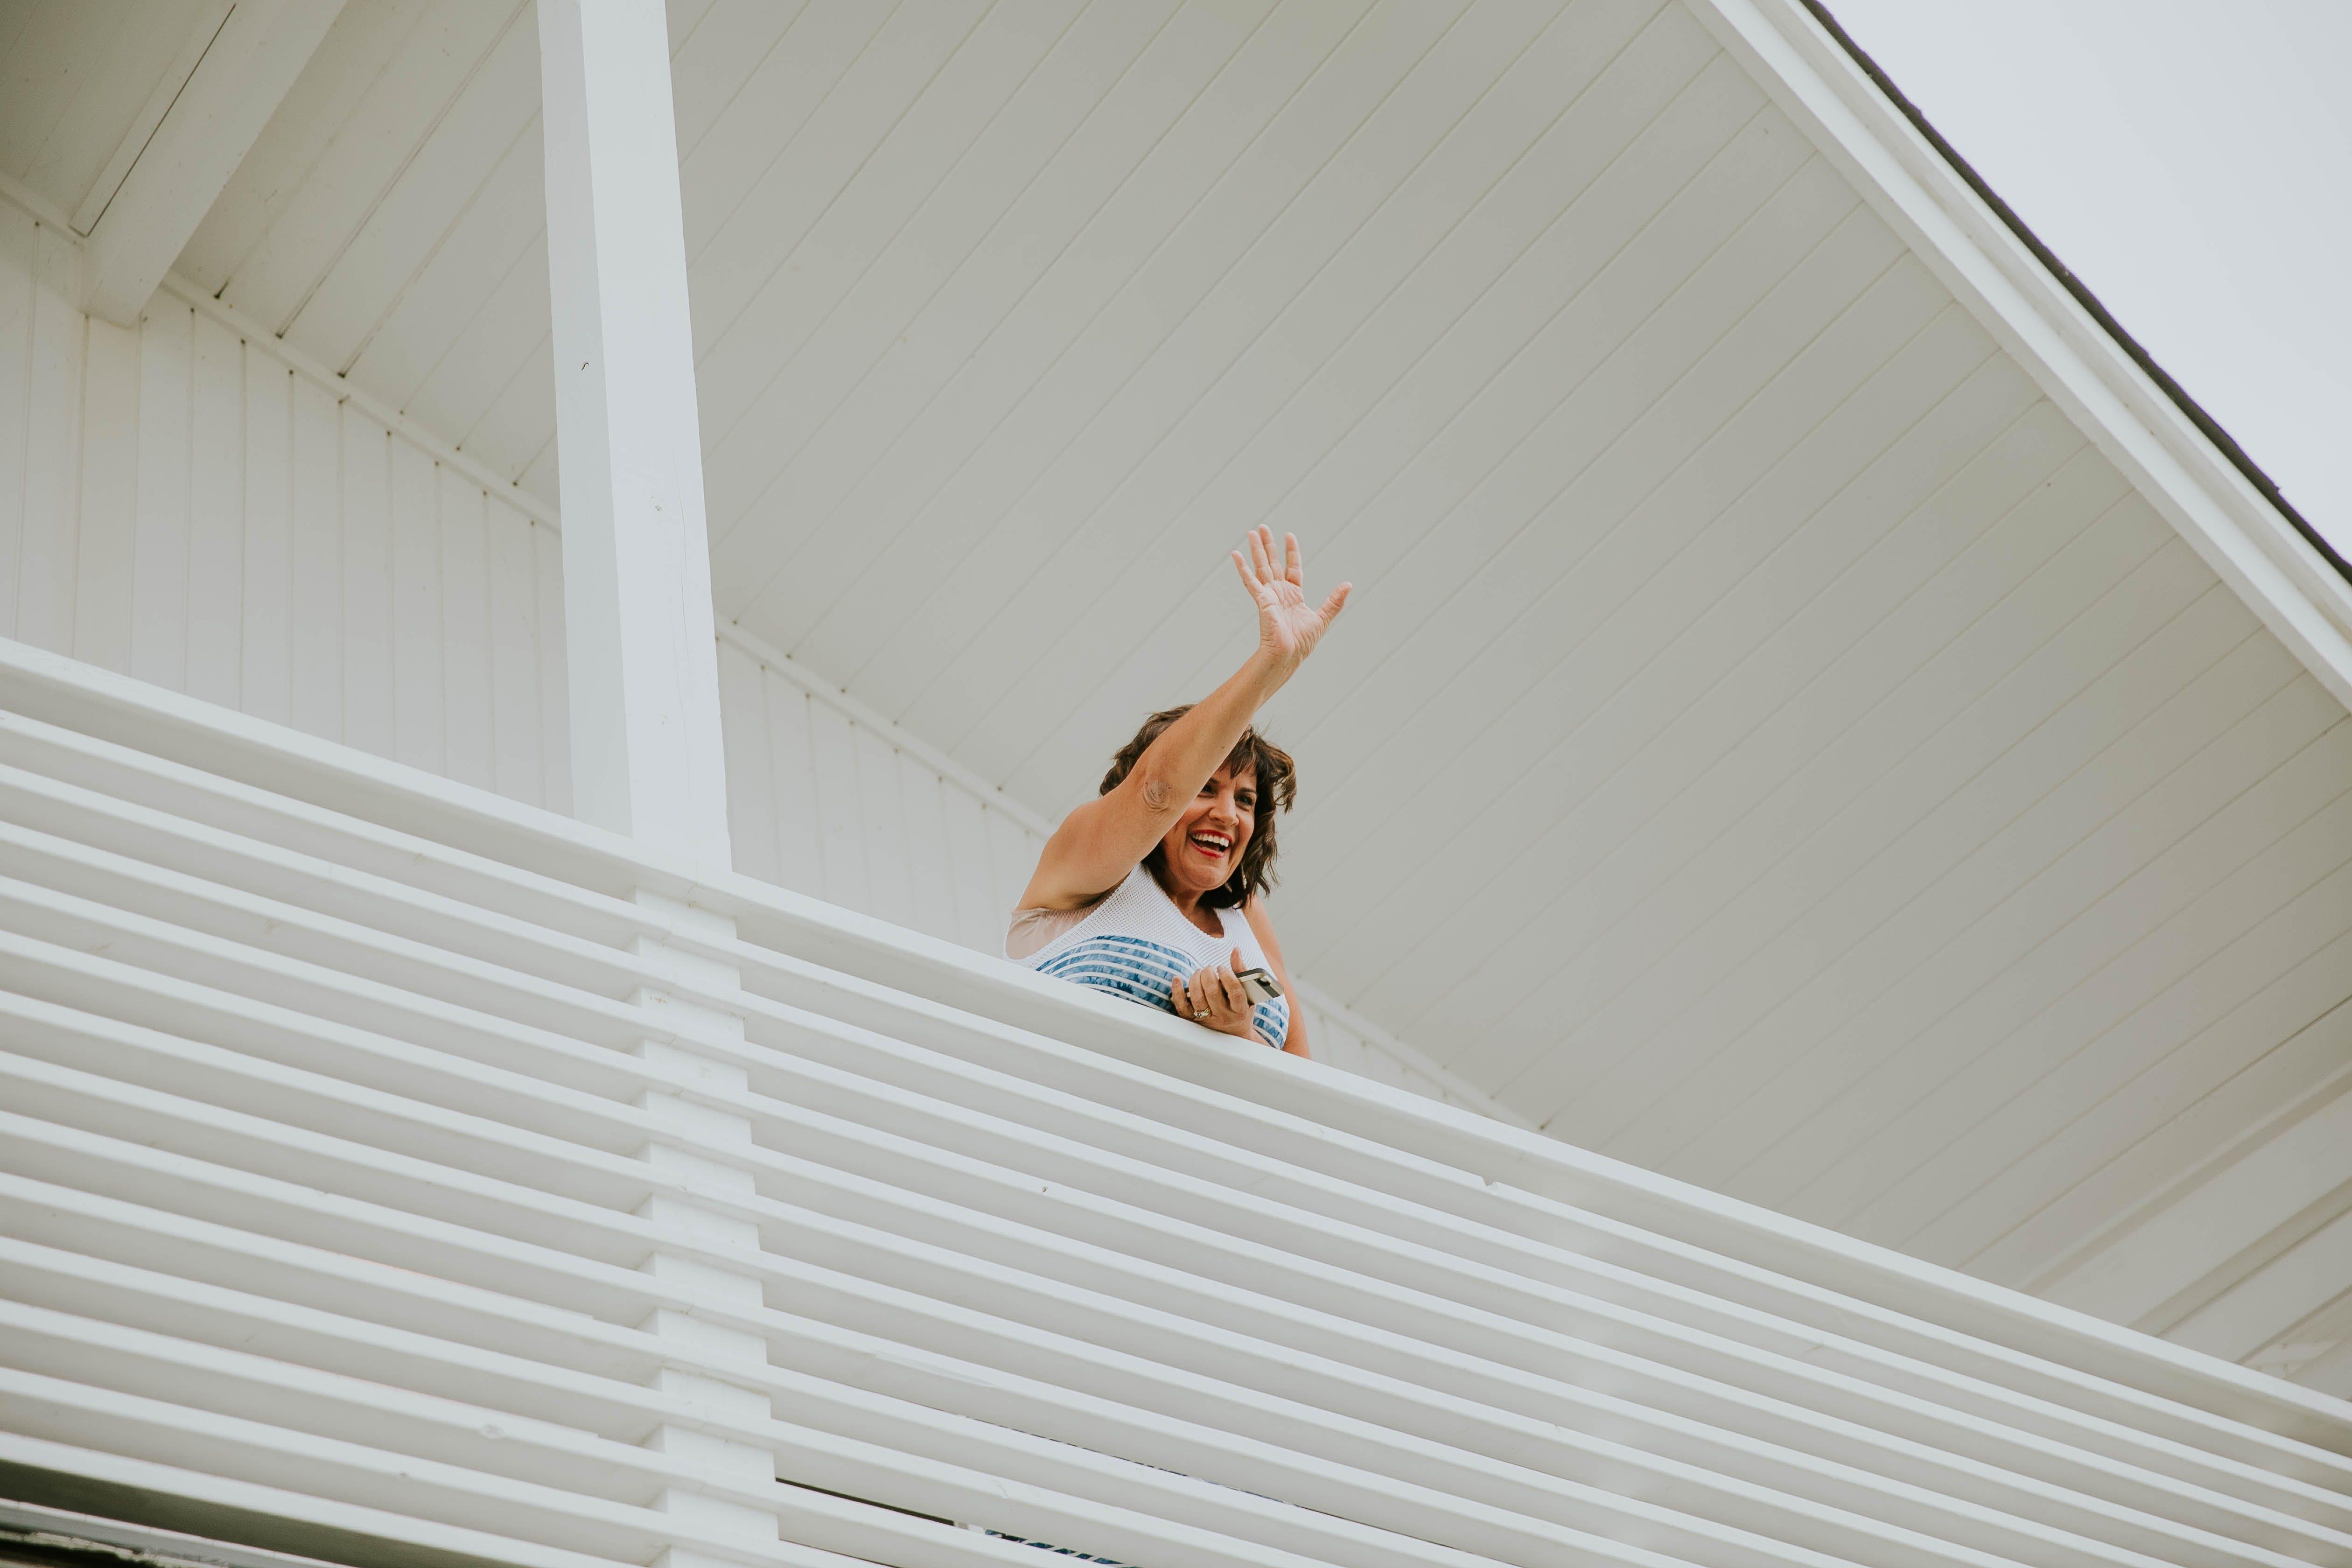 Δωρεάν στοκ φωτογραφιών με lee hnetinka, γεια, γυναίκες, λευκός